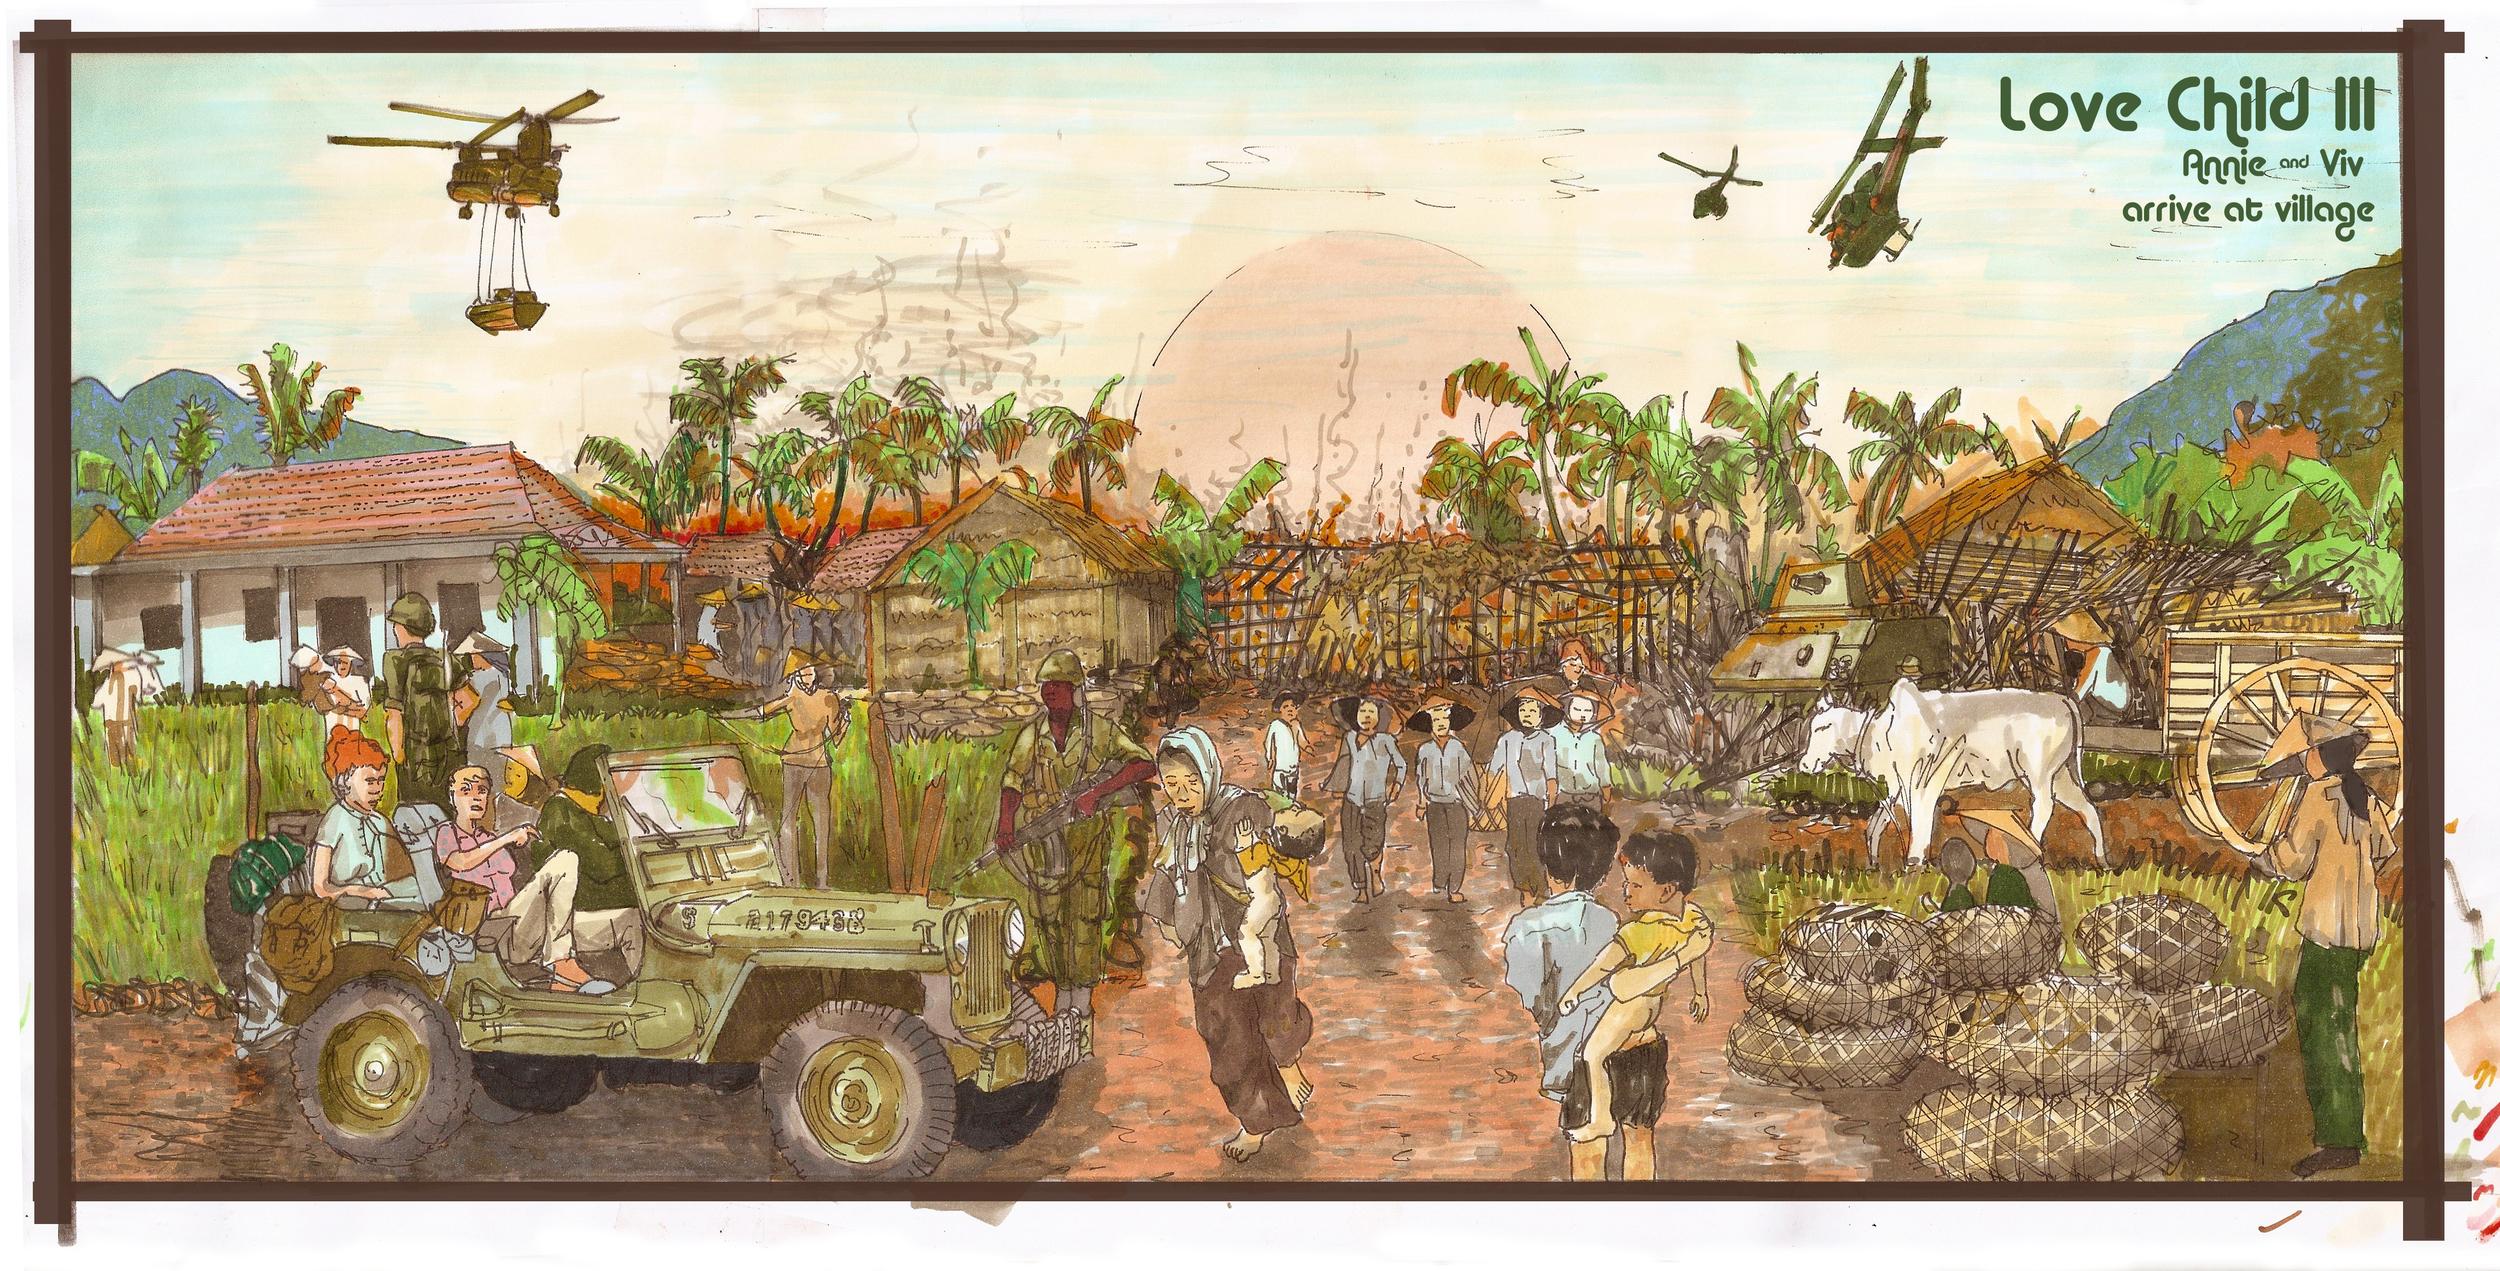 viet village render copy 2.jpg